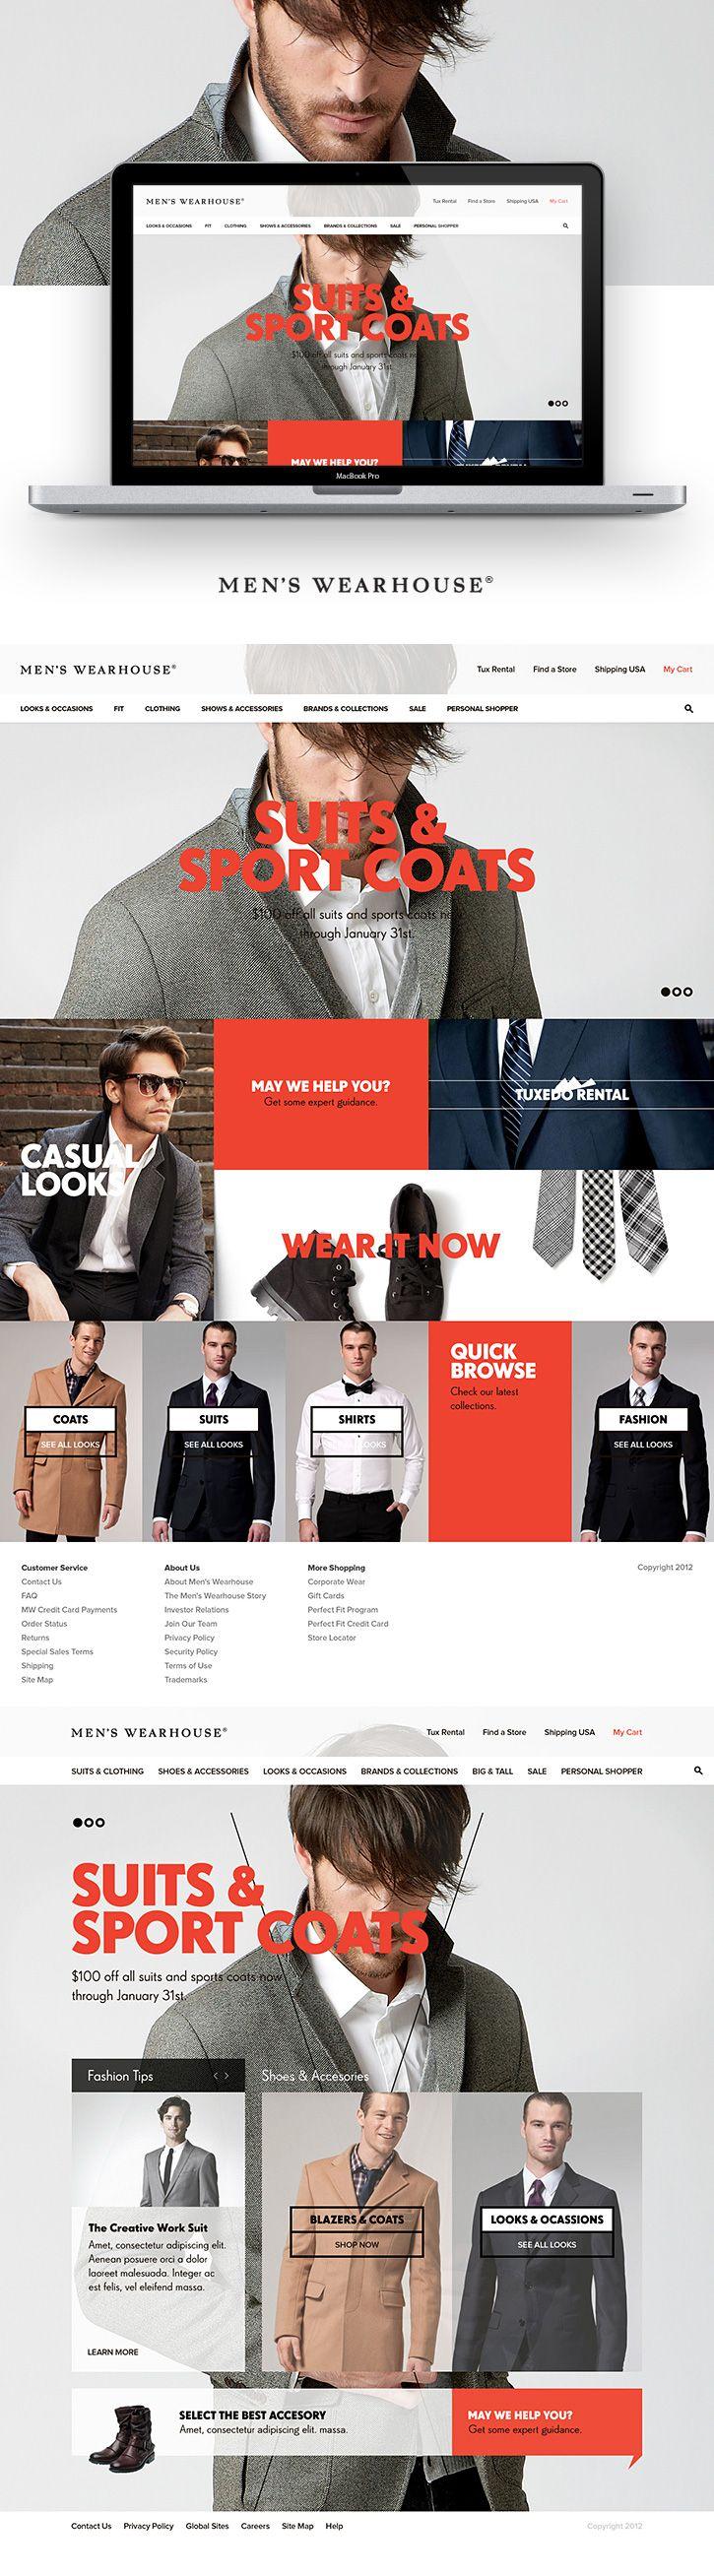 welkomeagency.com #Web #Design #Website #Webdesign #Inspiration